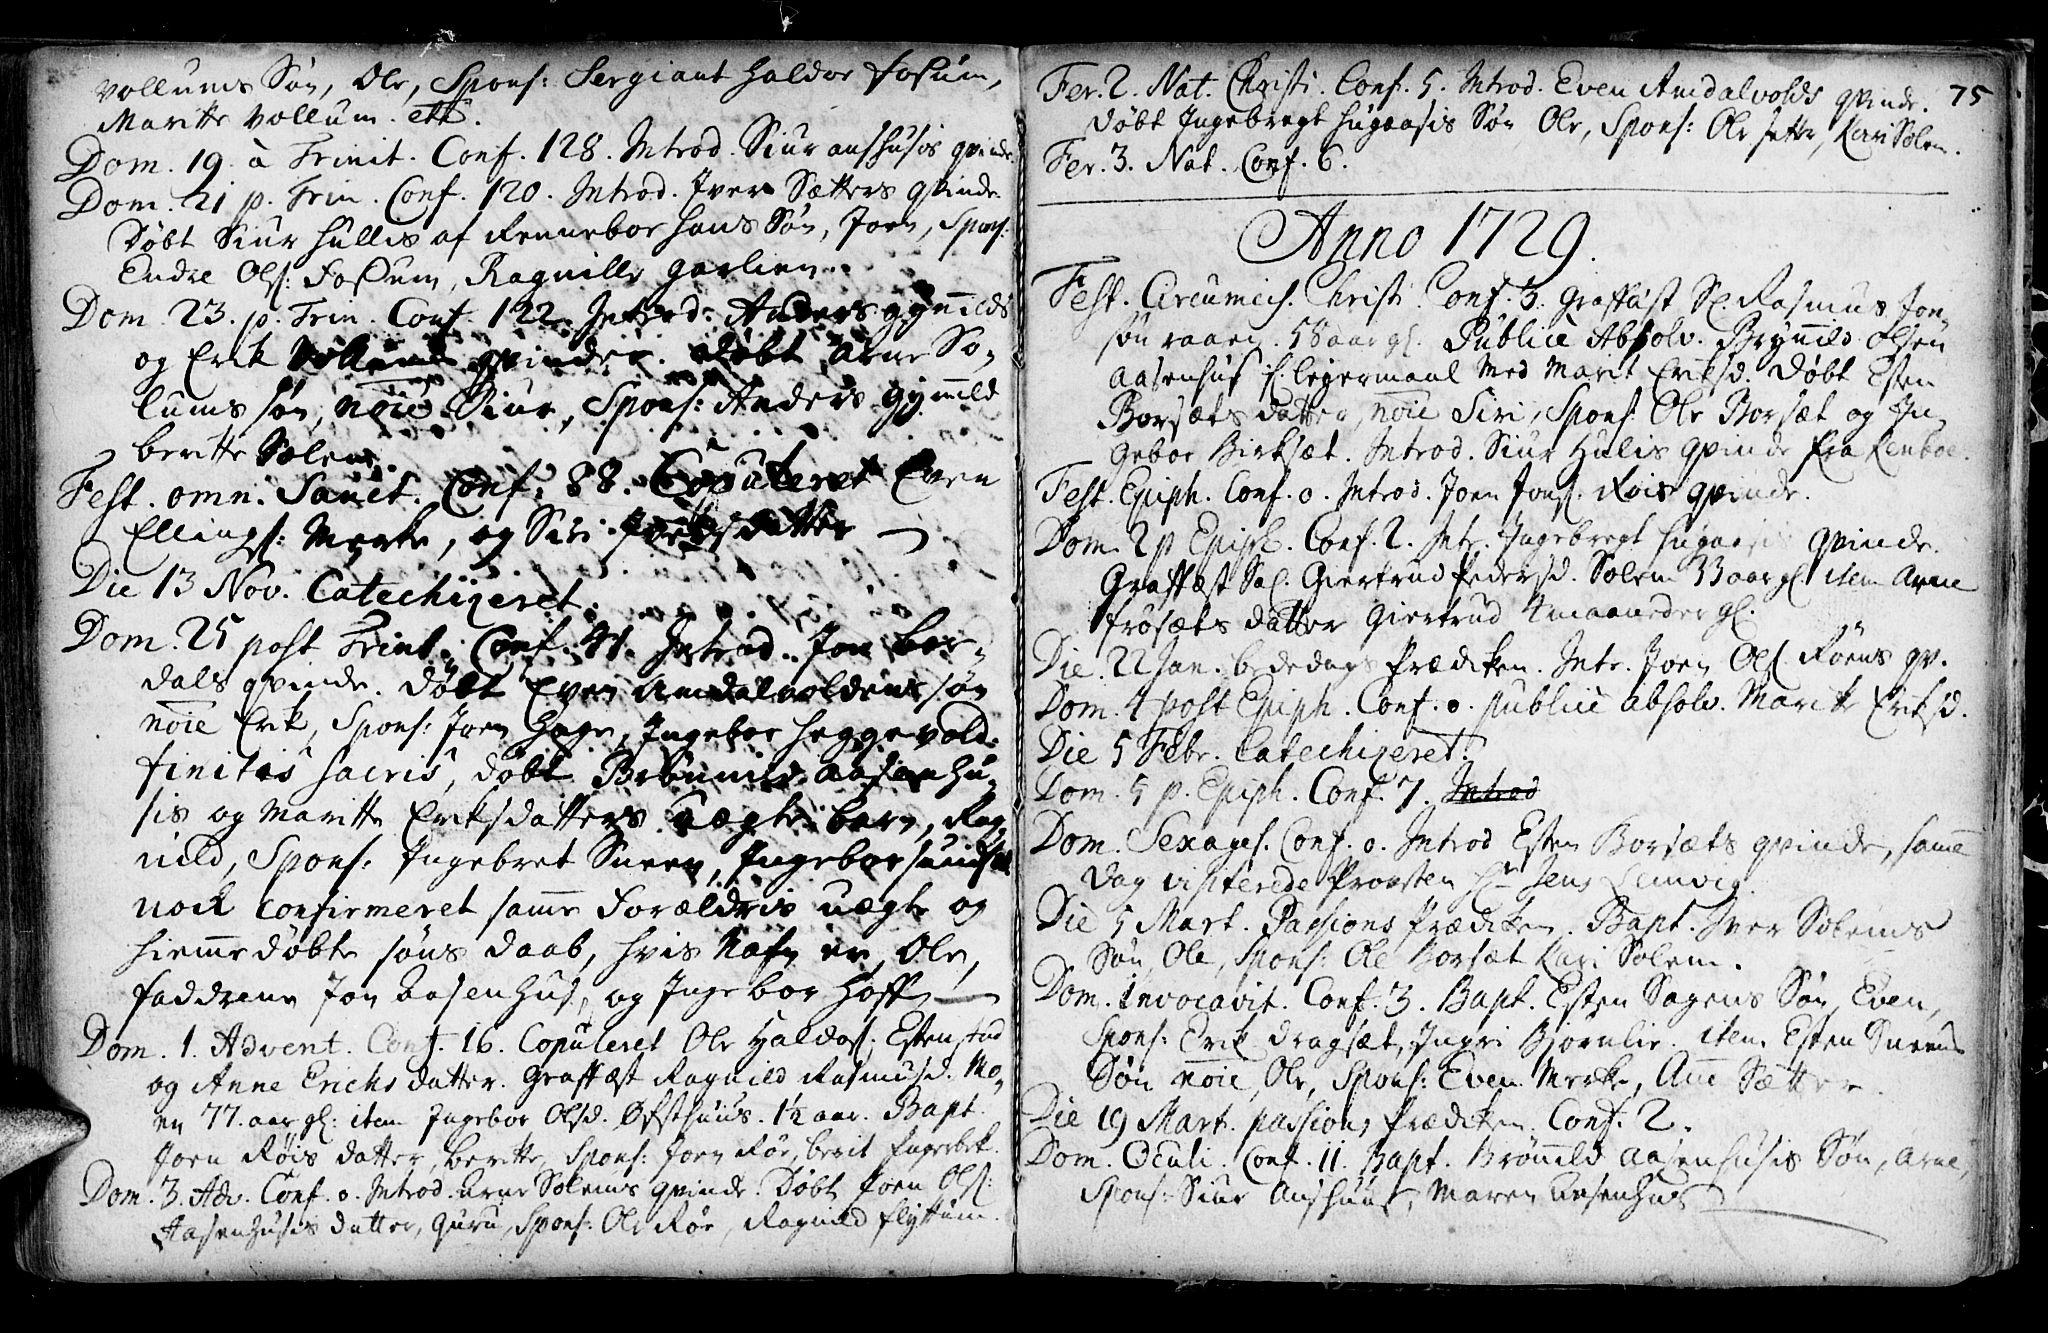 SAT, Ministerialprotokoller, klokkerbøker og fødselsregistre - Sør-Trøndelag, 689/L1036: Ministerialbok nr. 689A01, 1696-1746, s. 75